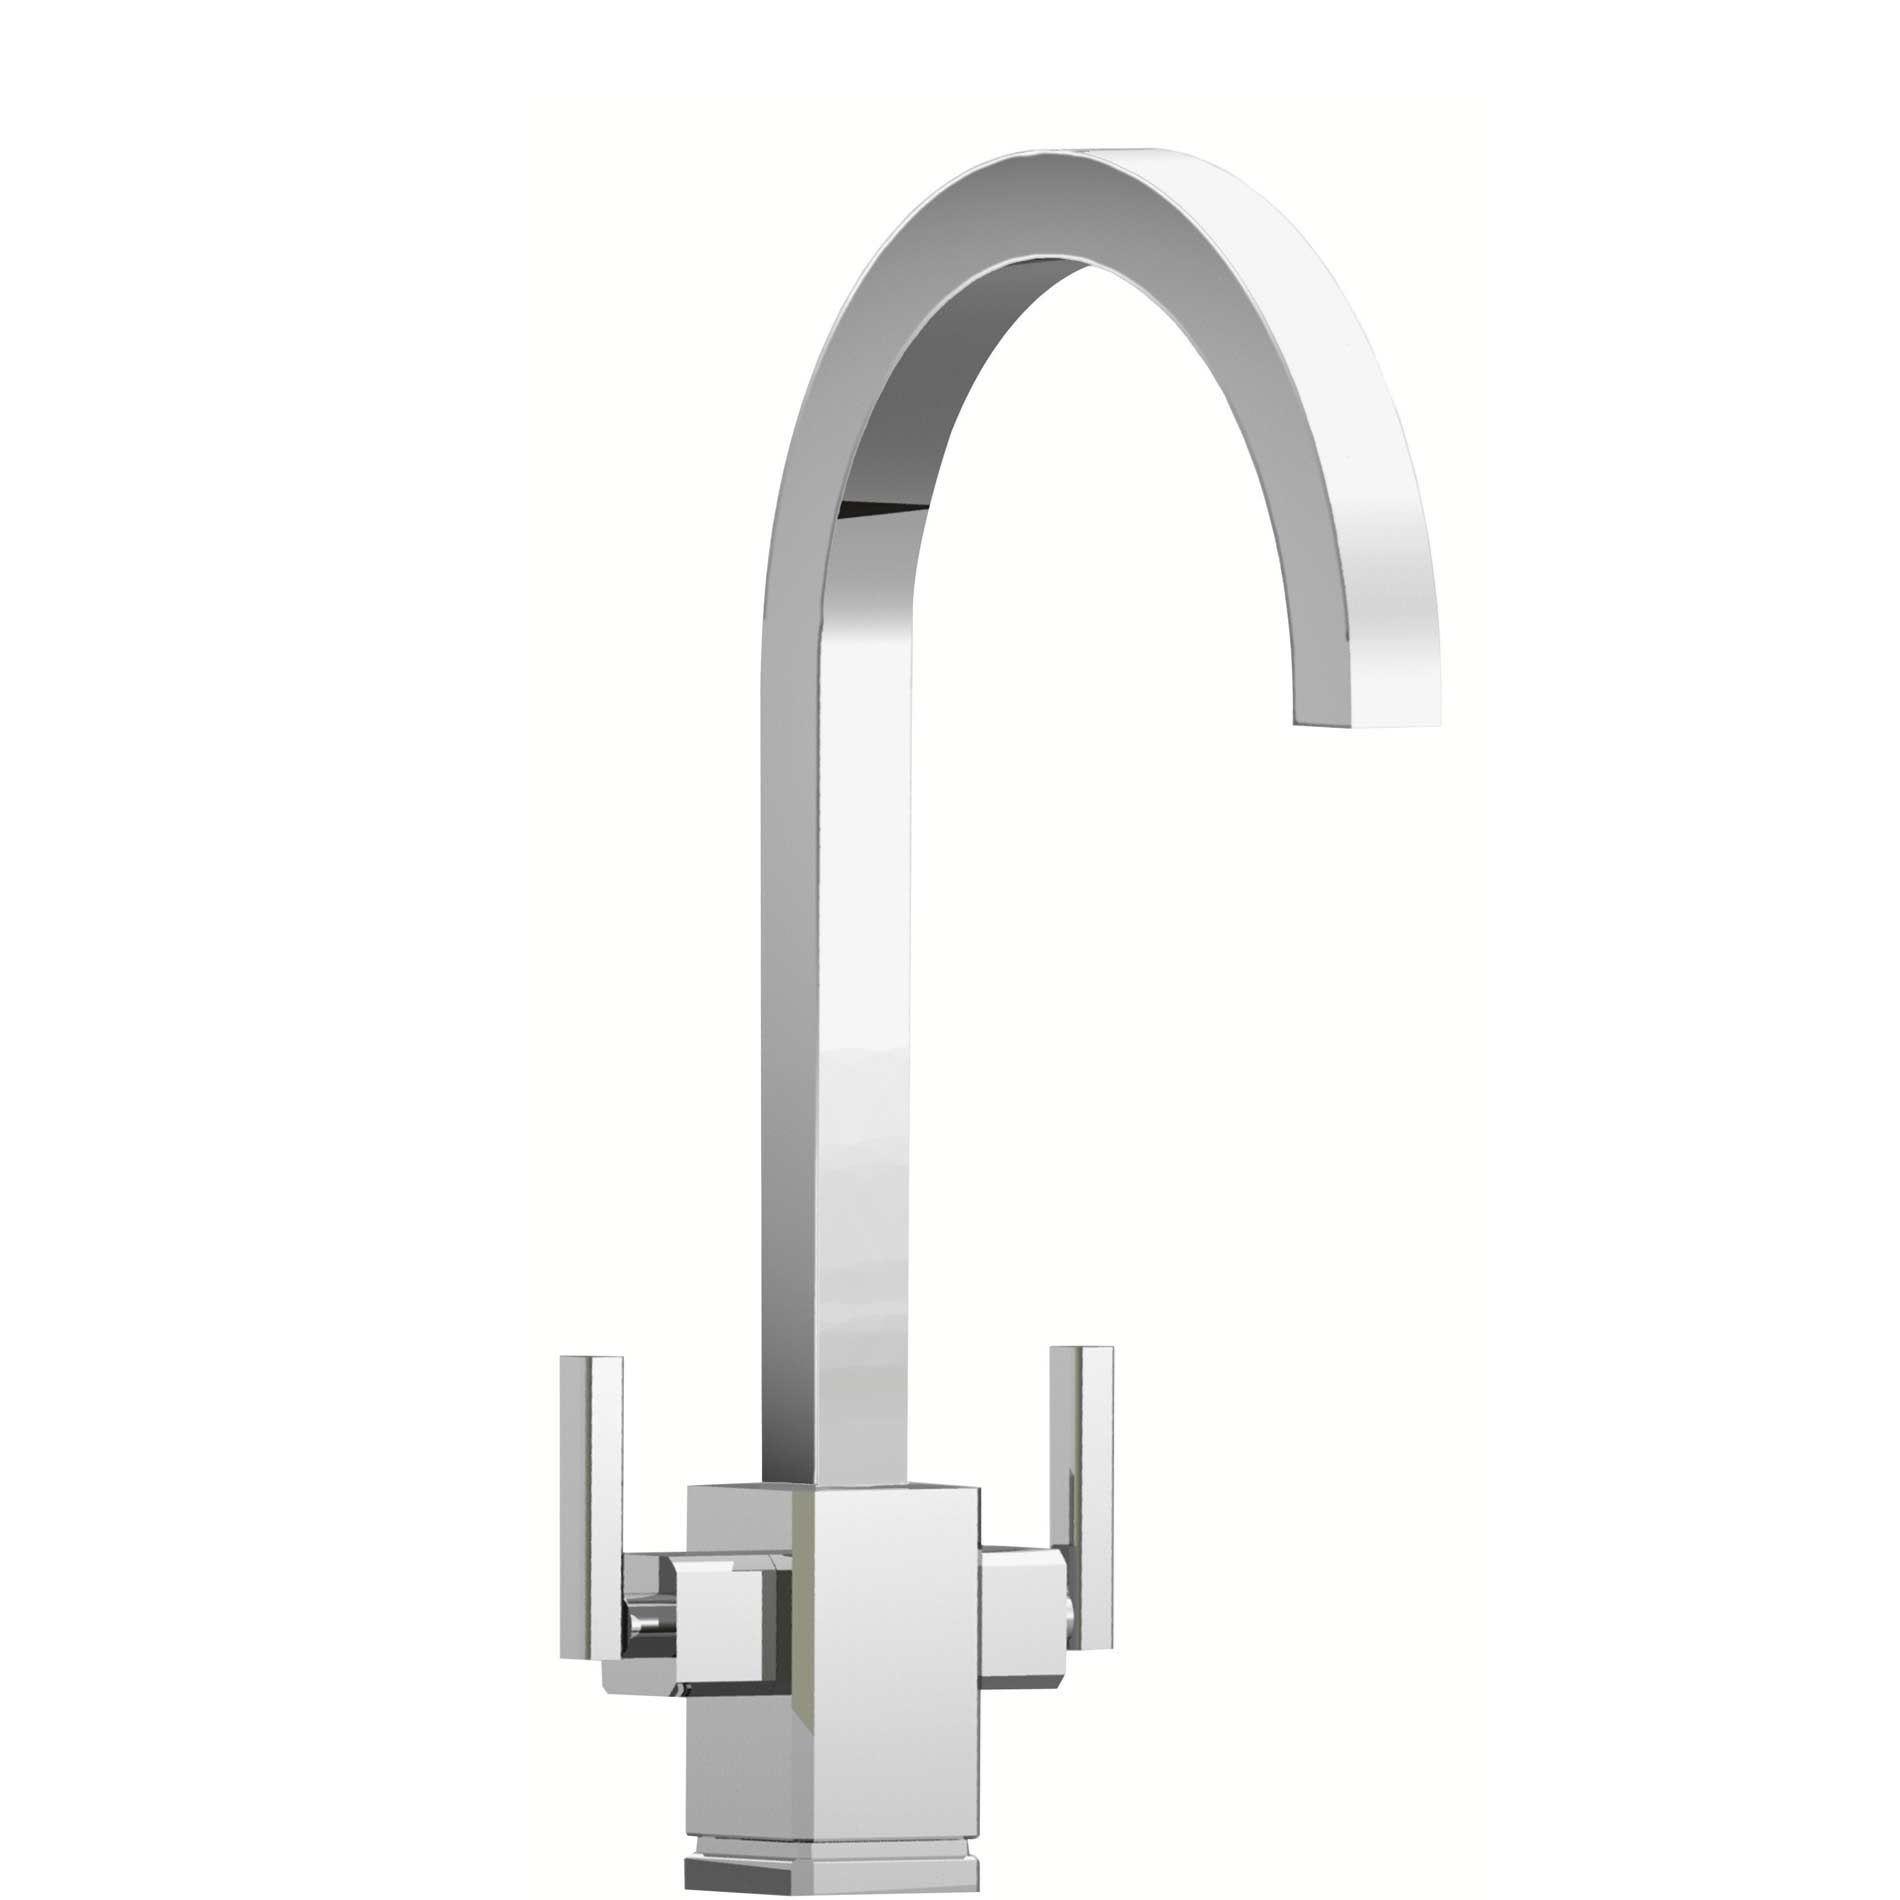 Rangemaster: Quadrant Monobloc TQM1CM Chrome Tap - Kitchen Sinks & Taps